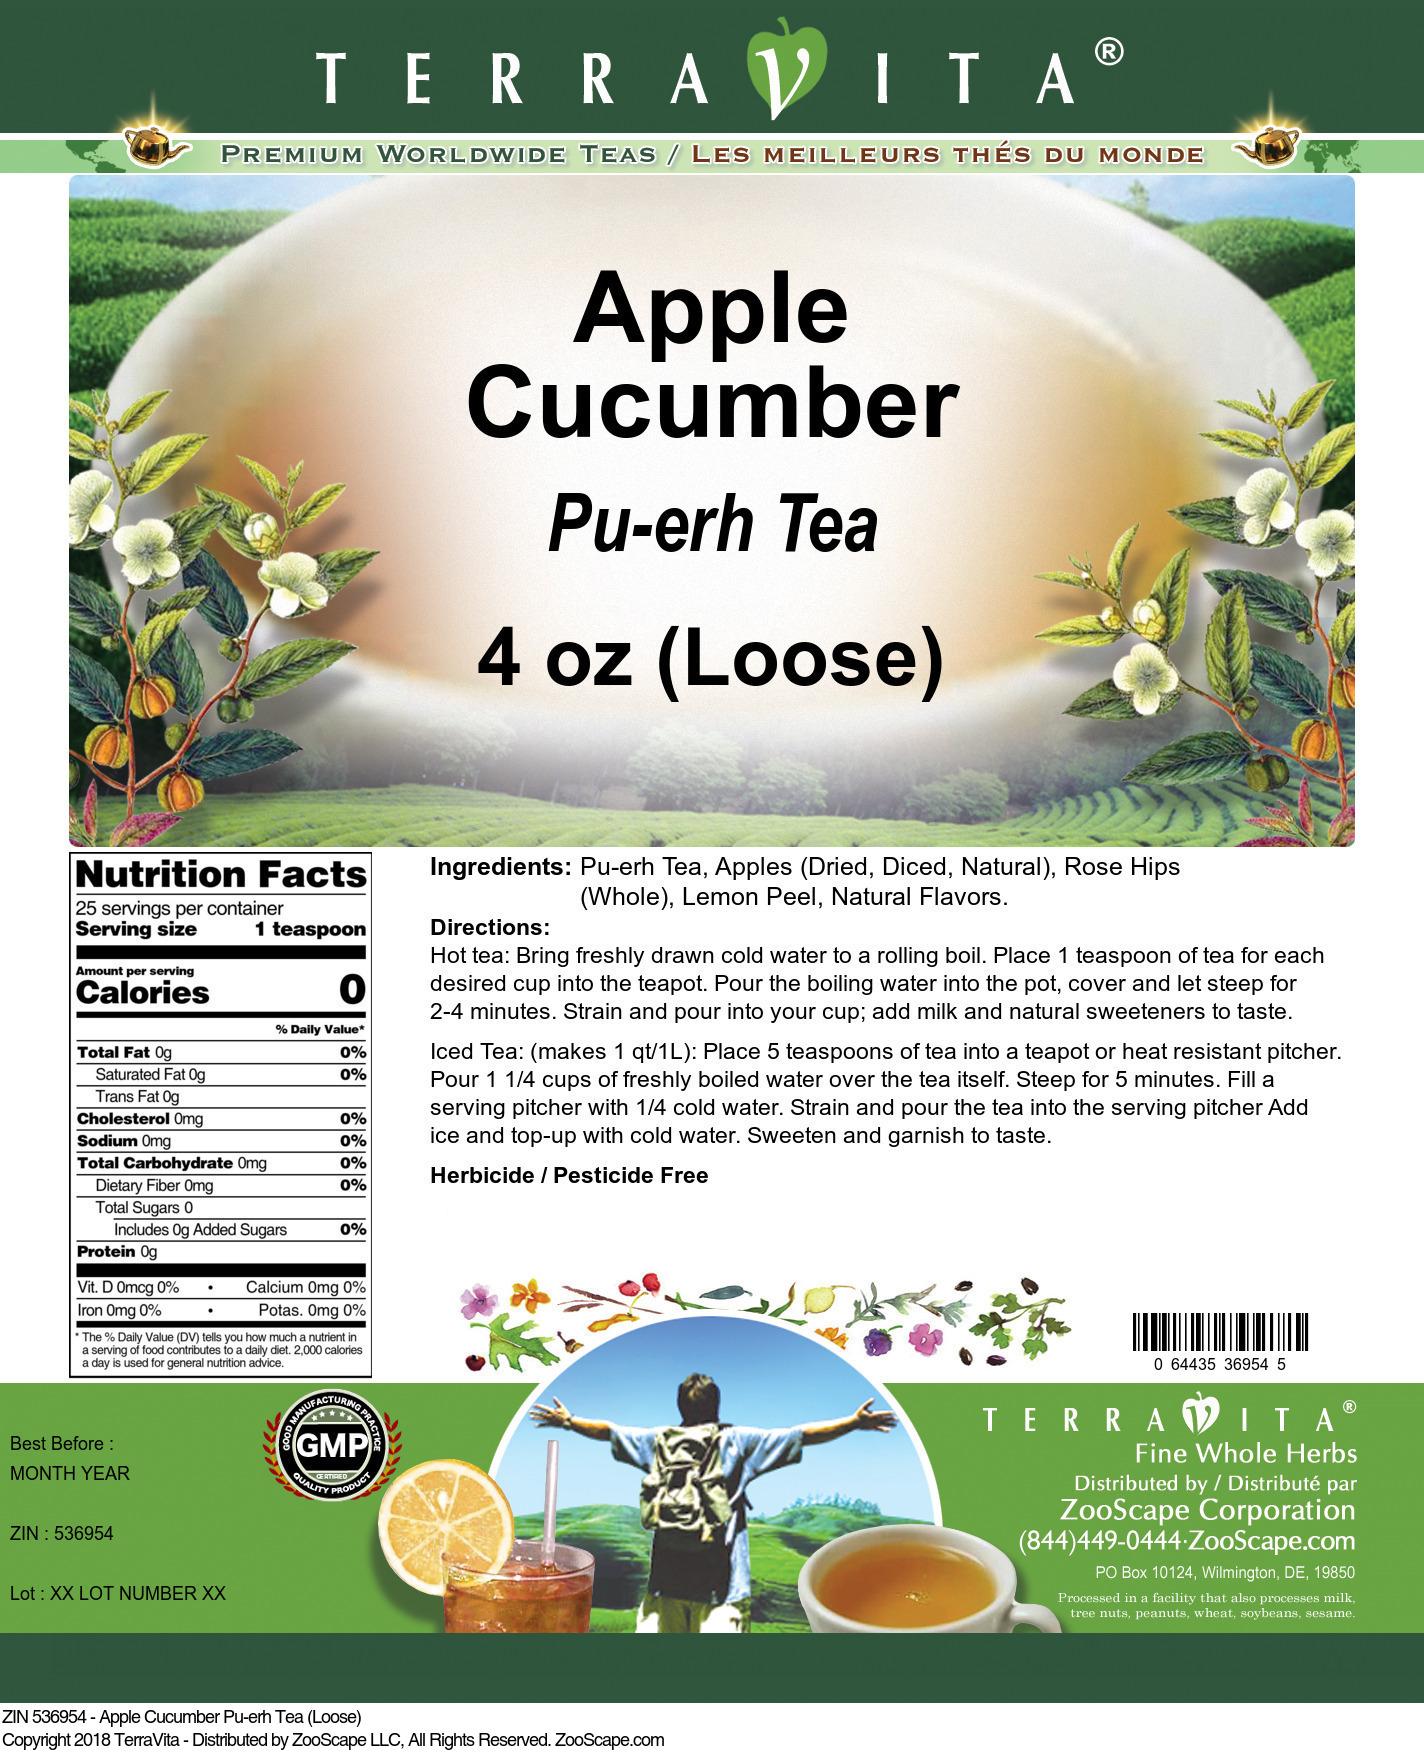 Apple Cucumber Pu-erh Tea (Loose)